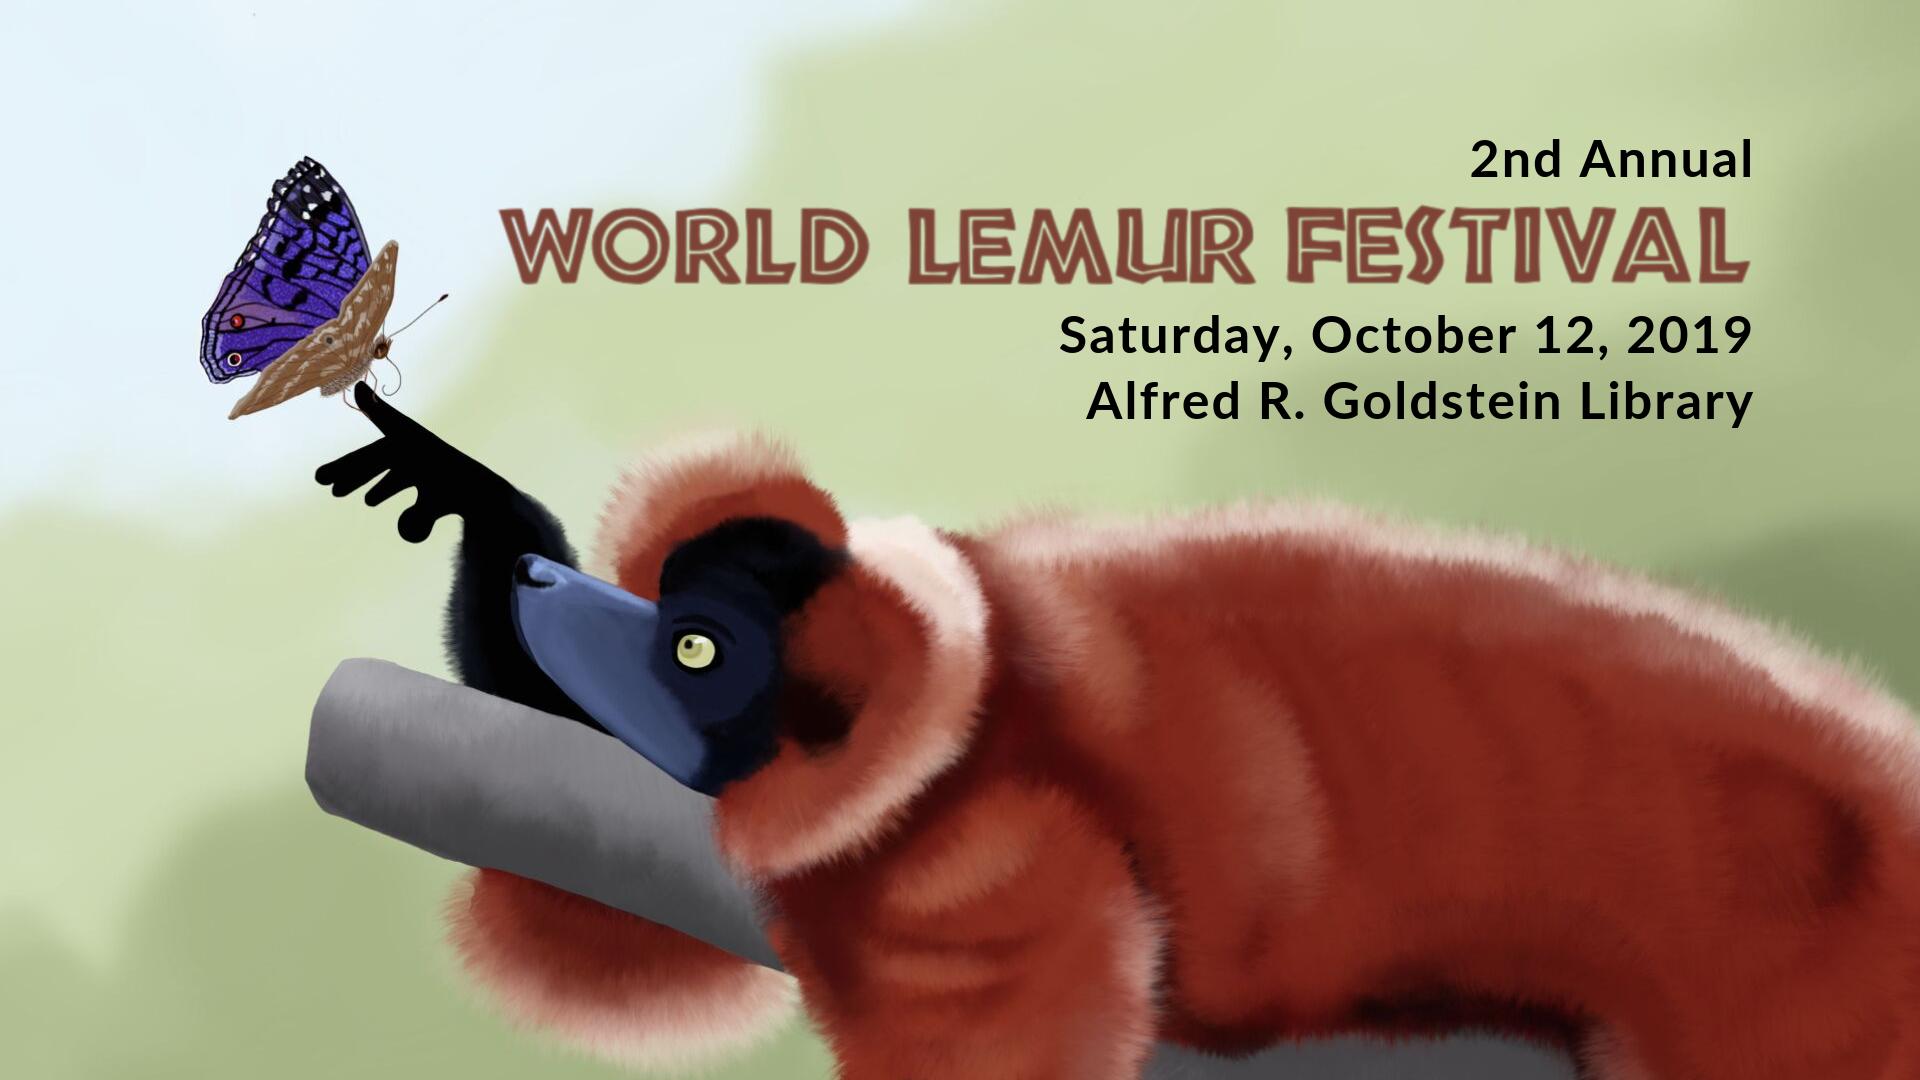 Event Calendar for the World Lemur Festival - Lemur